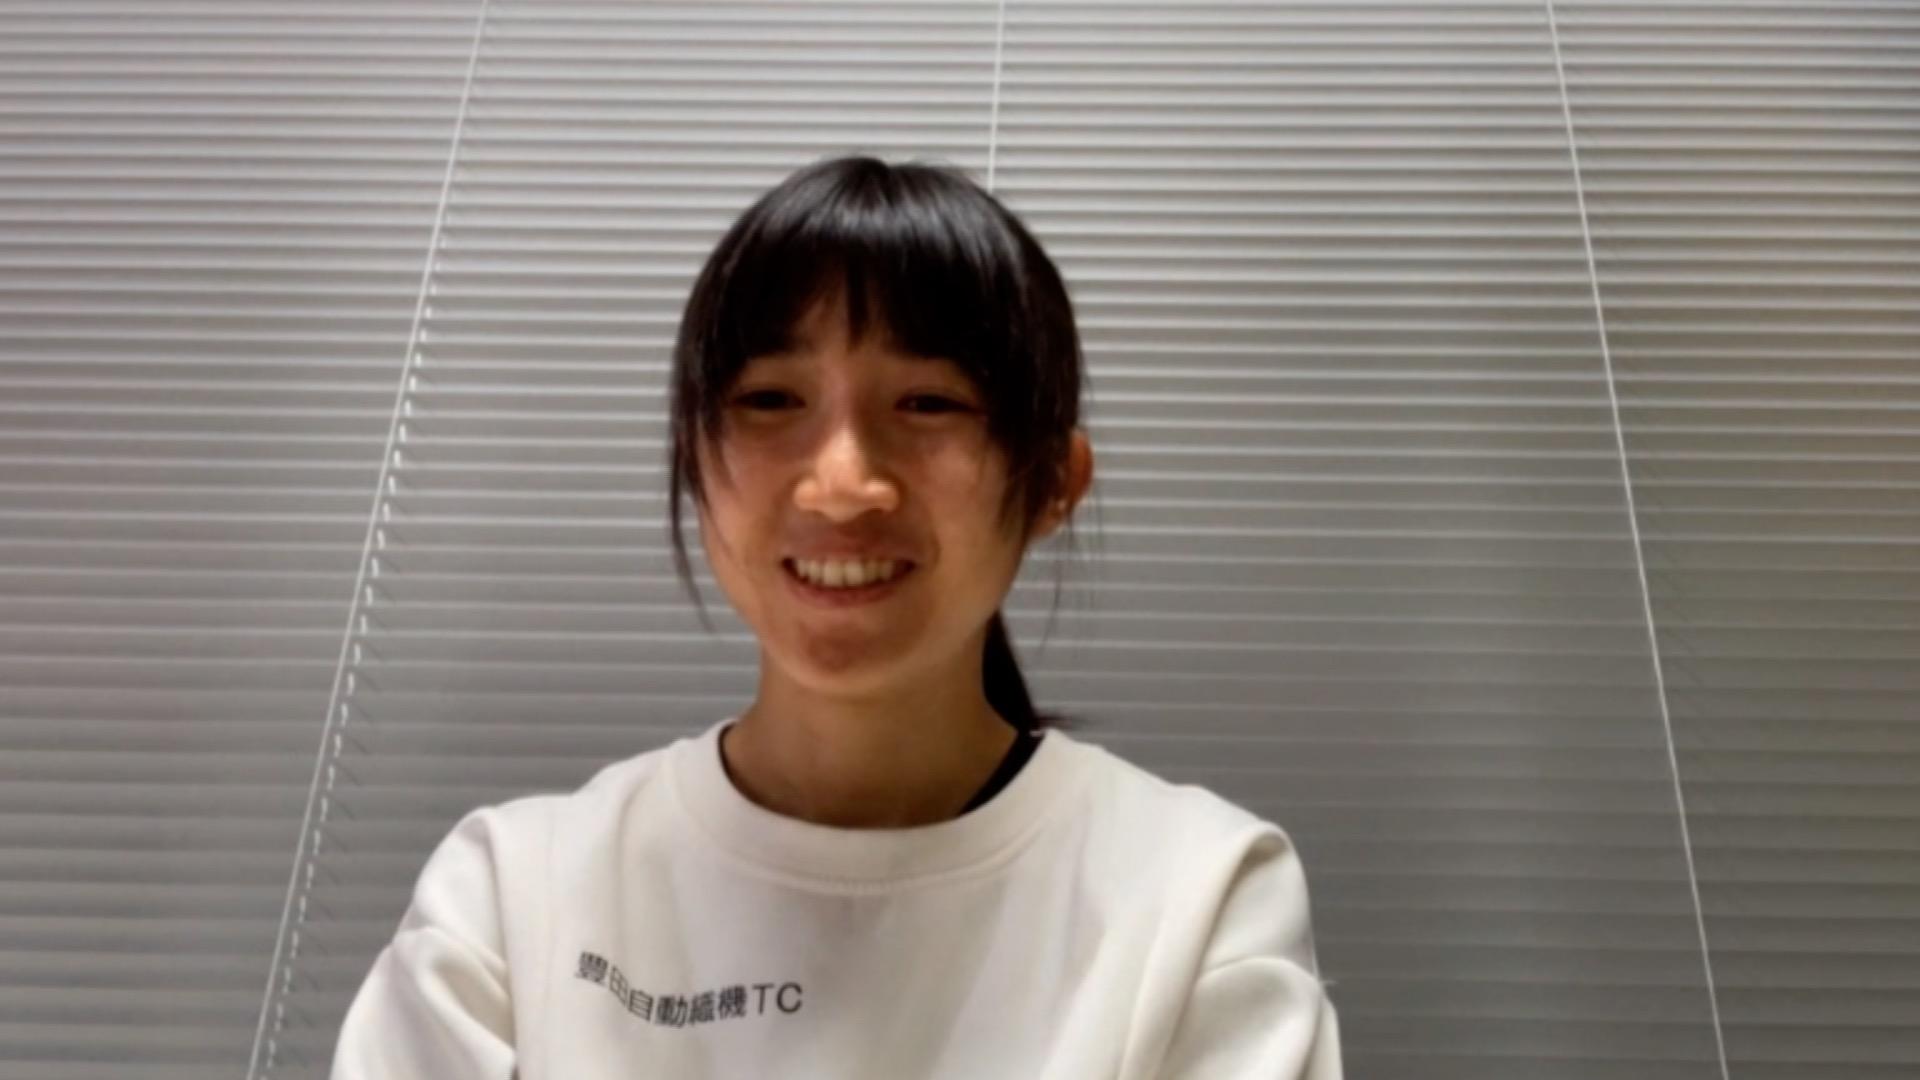 五輪代表・田中希実インタビュー/日本選手権クロカン「シーズンの弾みに」2年ぶりV狙う